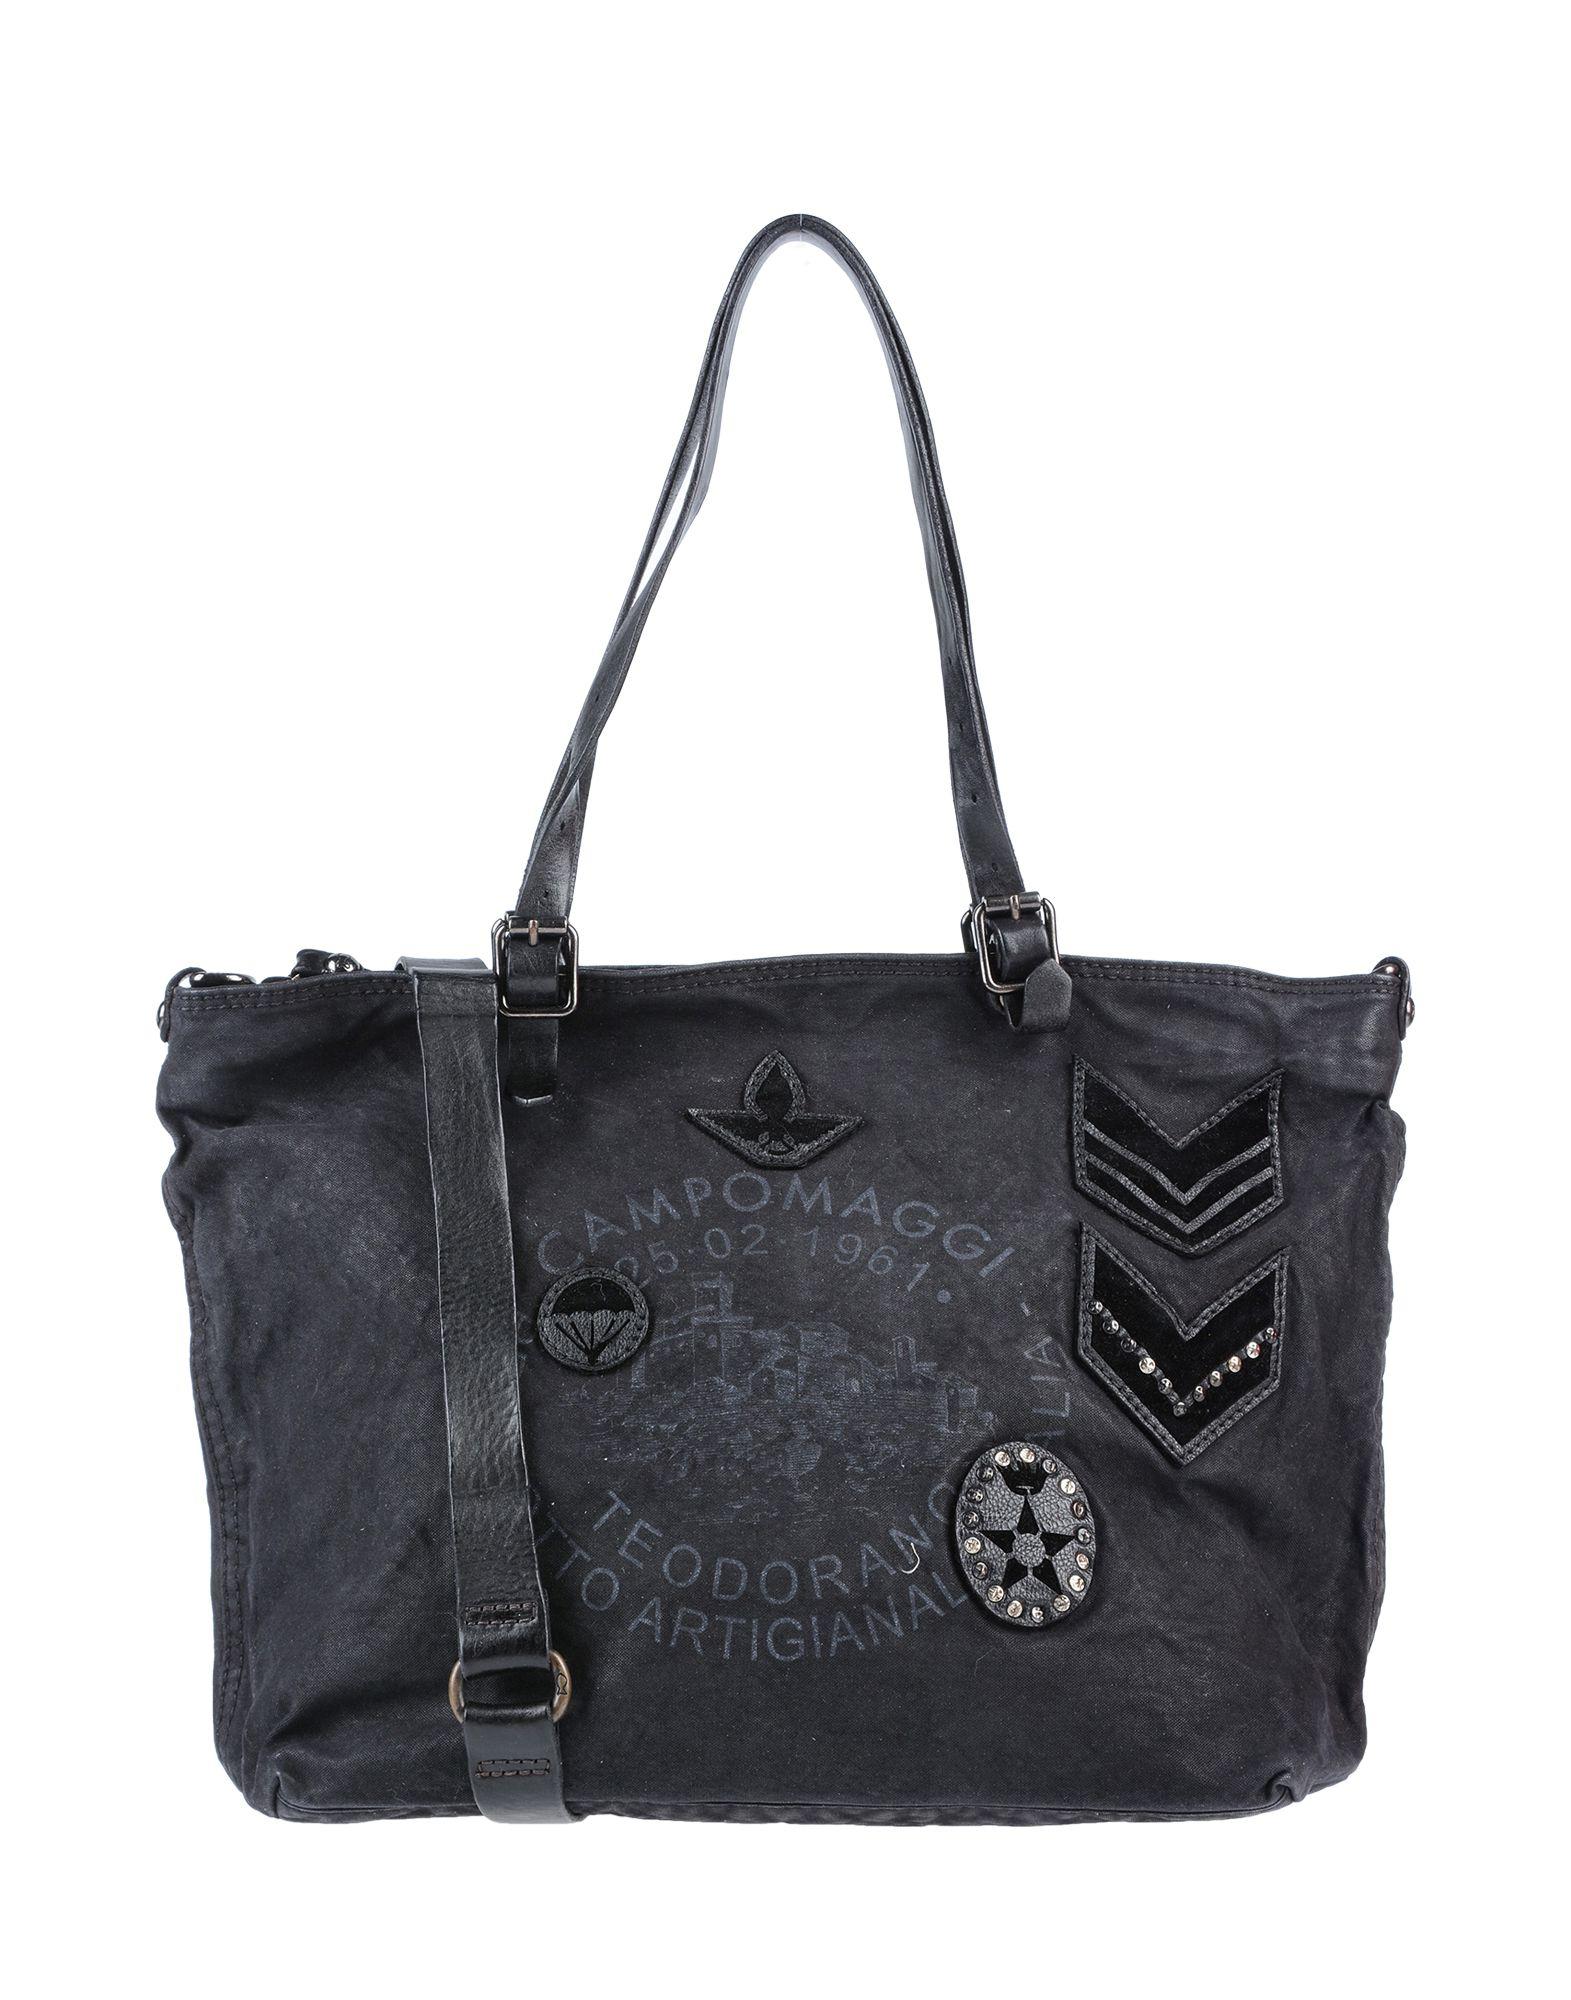 《送料無料》CAMPOMAGGI レディース ハンドバッグ ブラック 紡績繊維 / 柔らかめの牛革